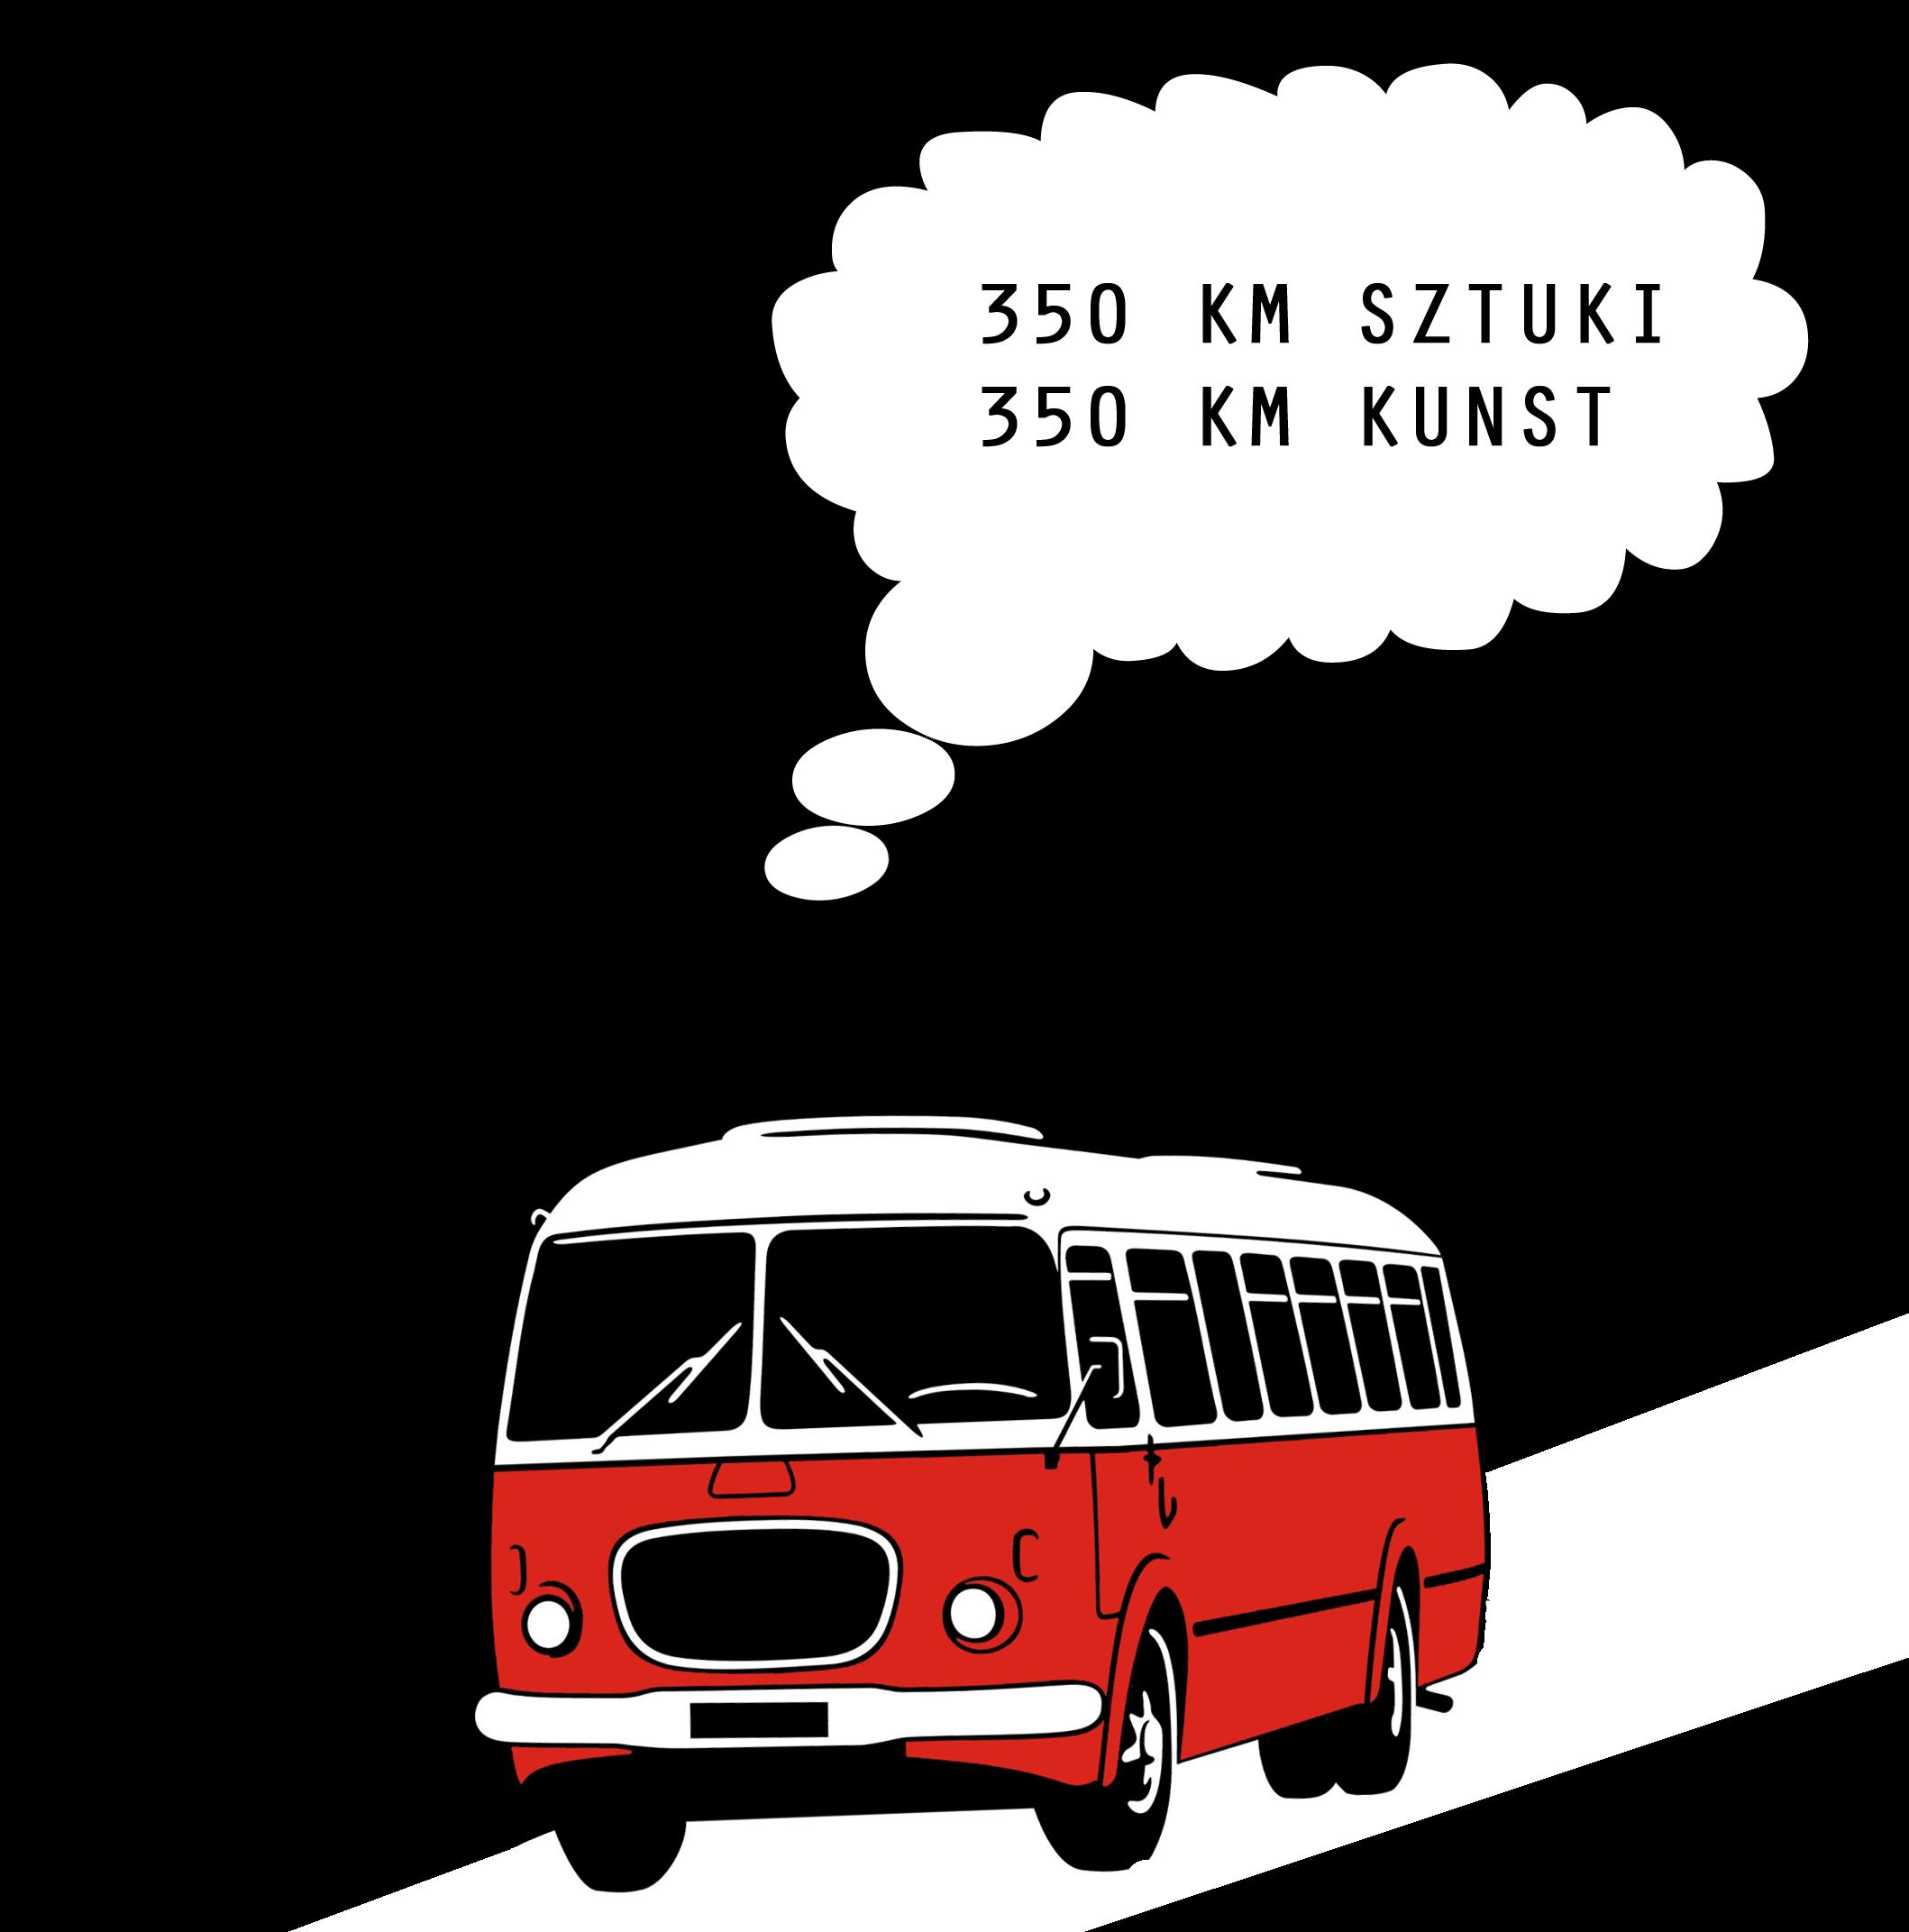 350 km Kunst